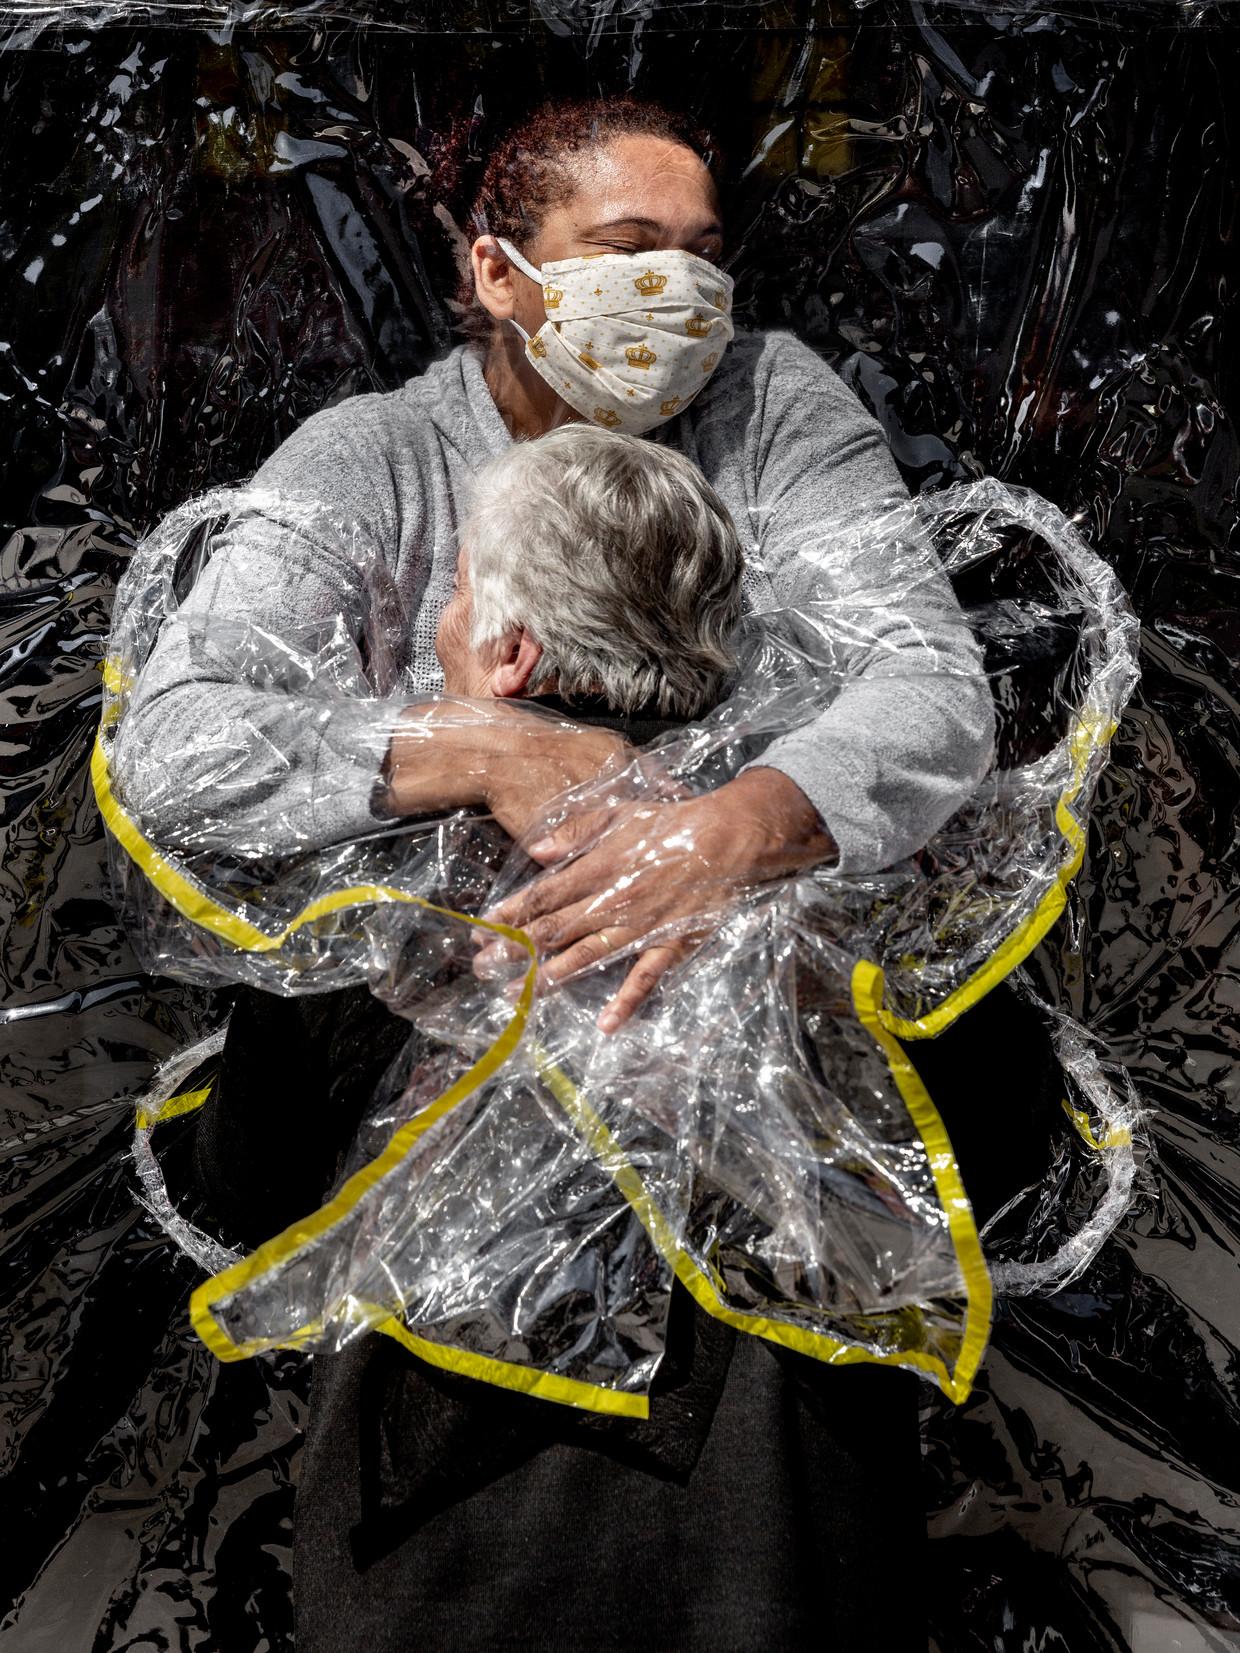 Na vijf maanden zonder aanrakingen krijgt de 85-jarige Braziliaanse Rosa Luzia Lunardi voor het eerst een omhelzing van haar verpleegster. Coronaproof, uiteraard. (Mads Nissen) Beeld Mads Nissen/ Politiken/ Panos Pi